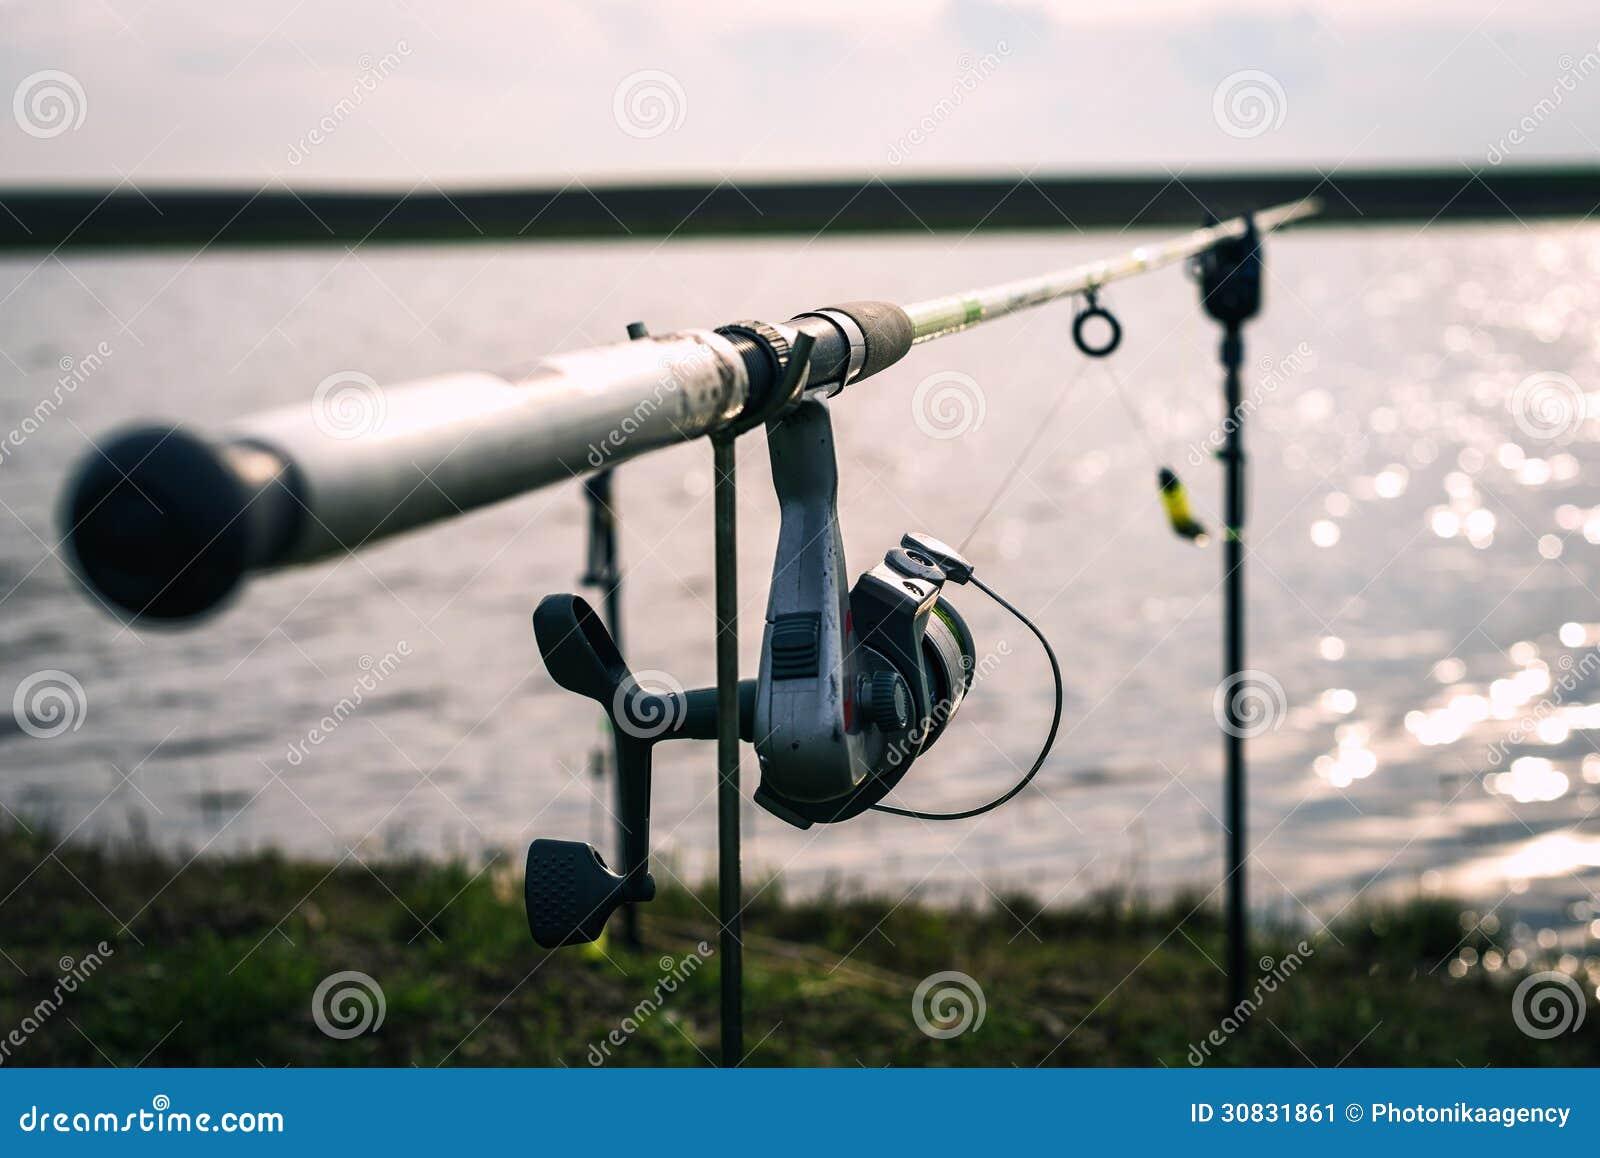 Primo piano di una bobina di pesca su una barretta vicino ad un lago